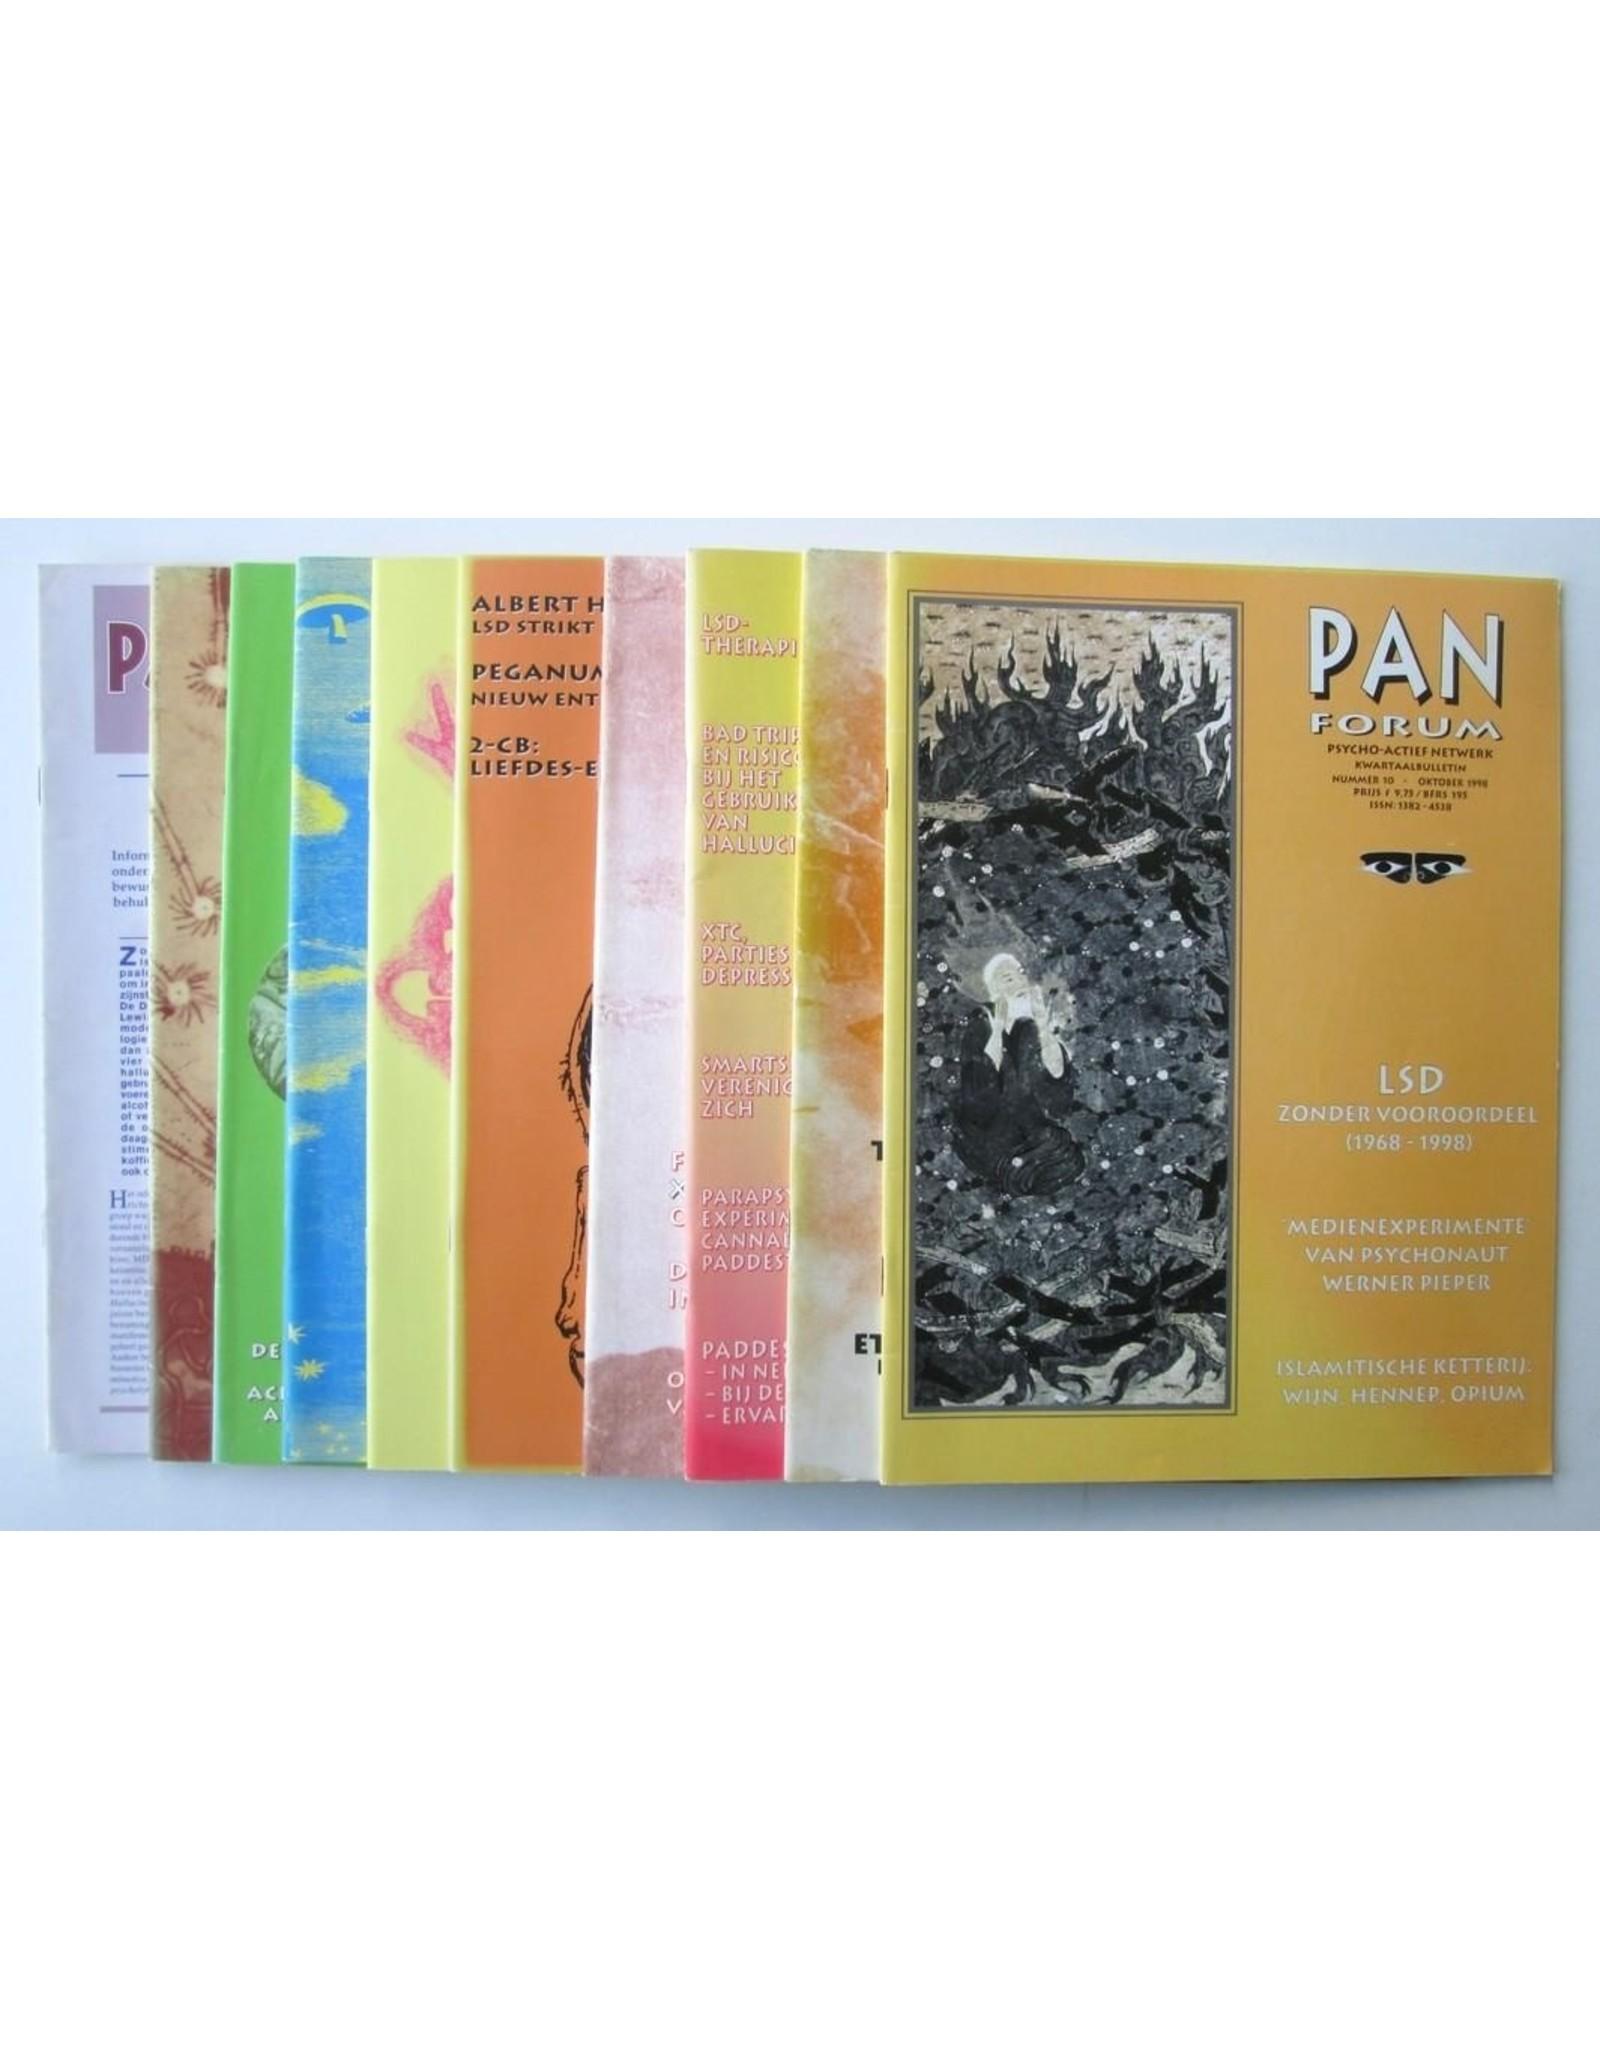 Stephen Snelders - Pan Forum [Complete set]